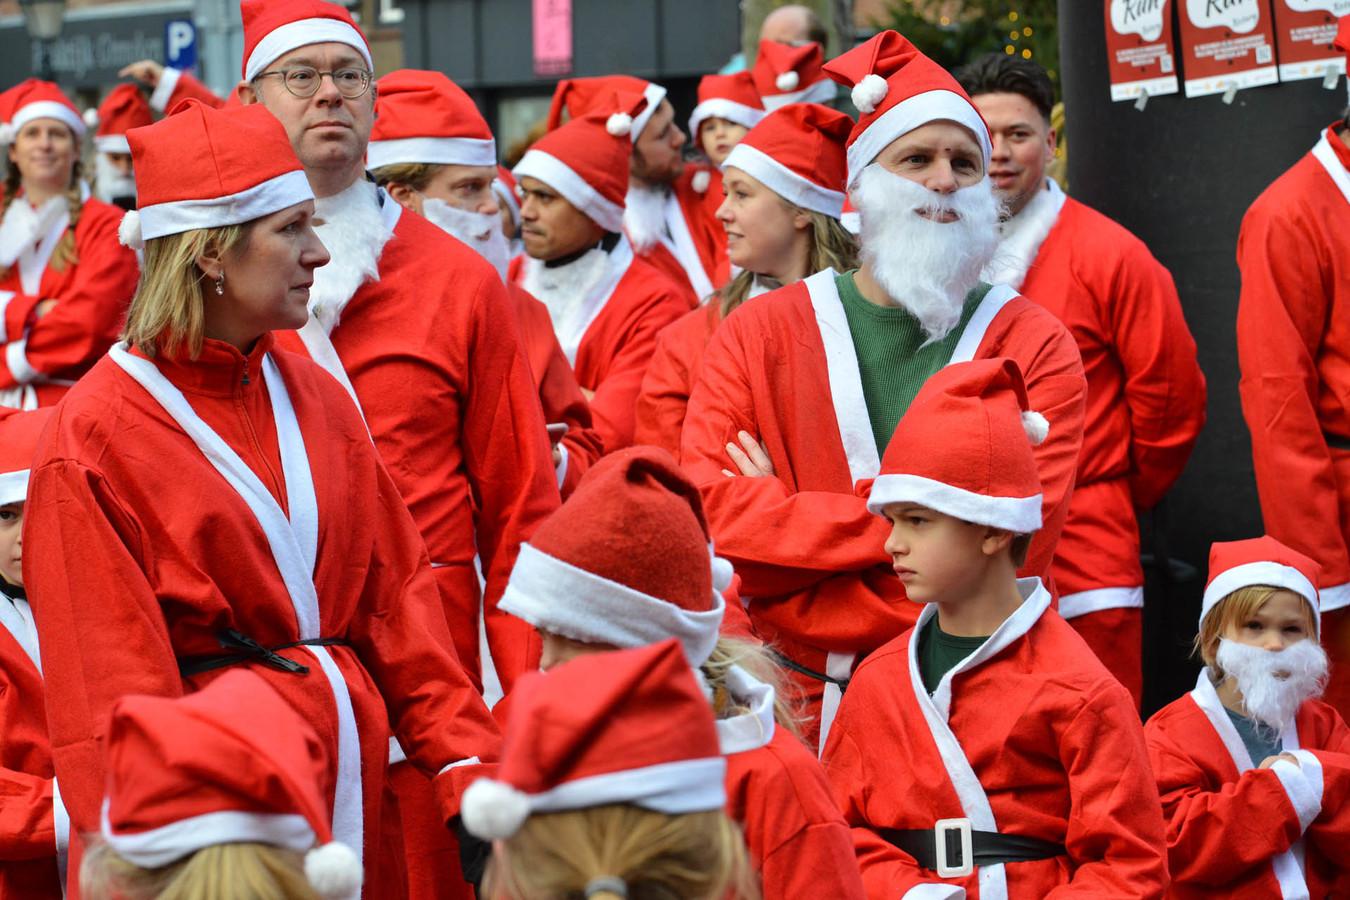 De organisatie van de Rotary Santa Run in het Ginneken is een samenwerking tussen de vier Bredase Rotaryclubs, Breda, Breda-Mark en Aa, Breda Mastbos en Breda-Zuid.